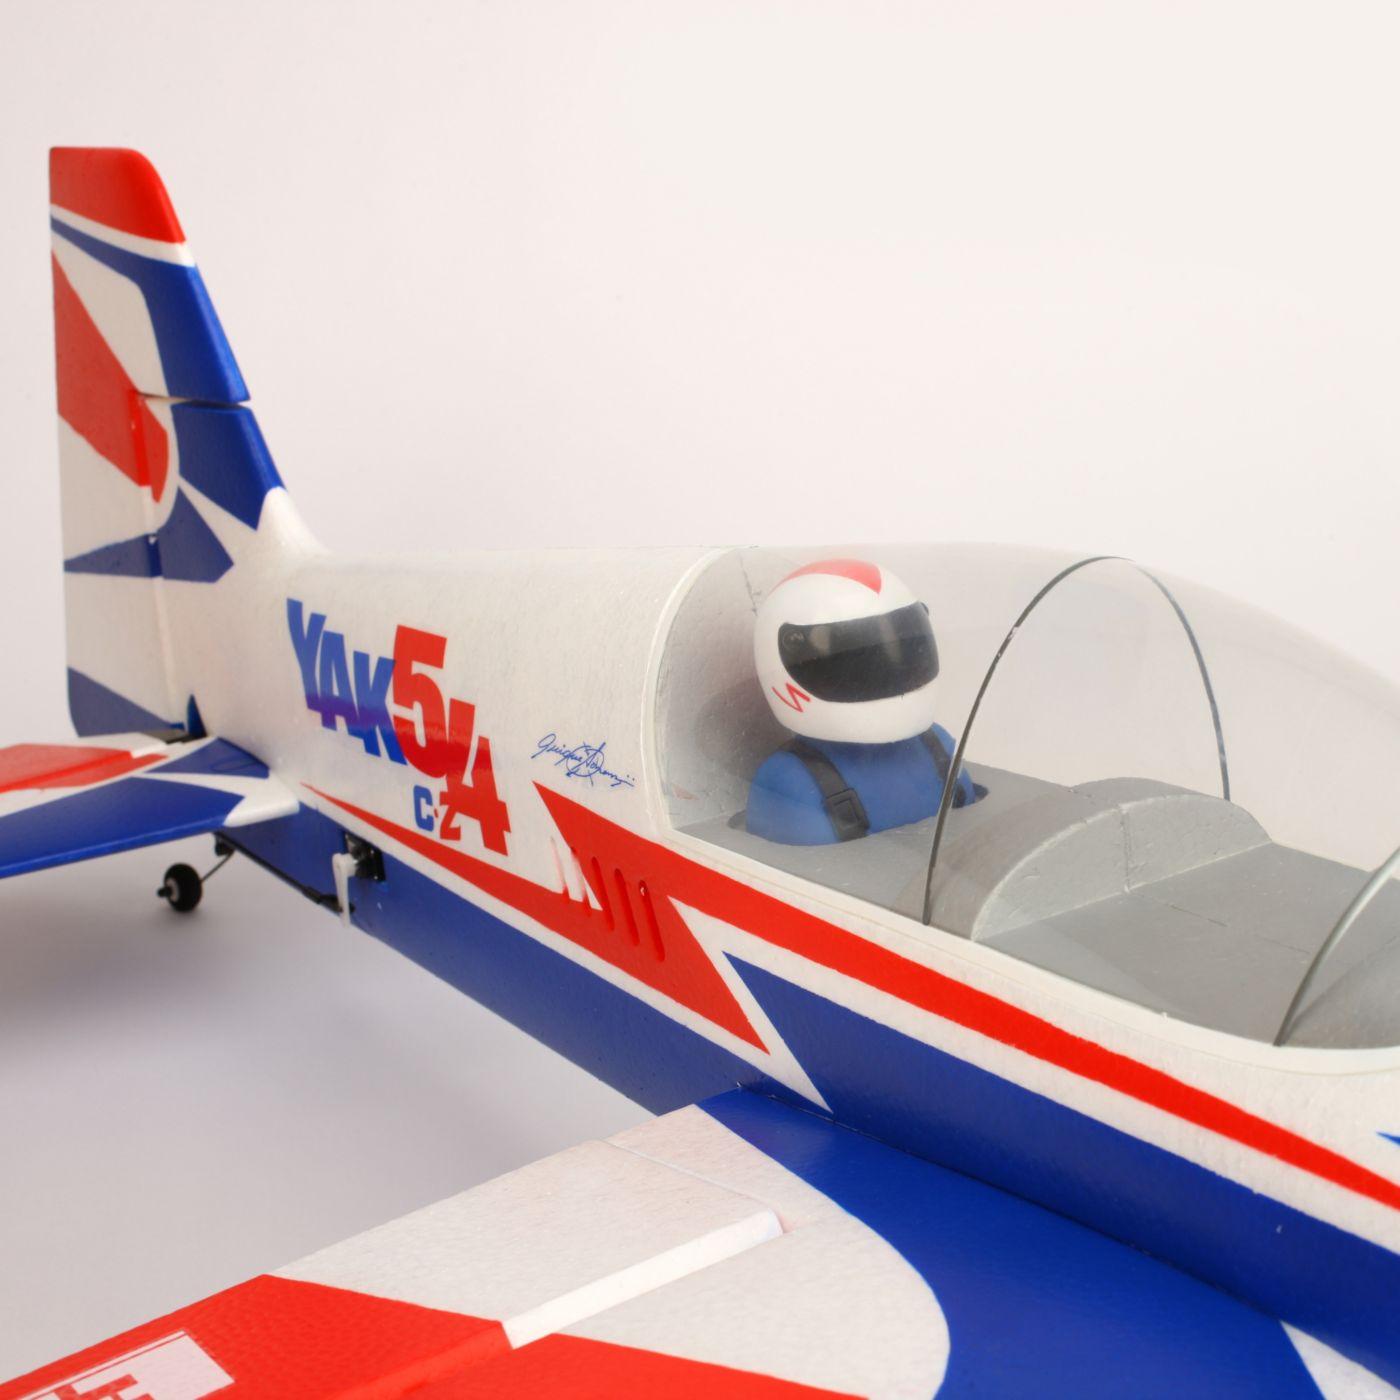 Carbon-Z Yak 54 E-flite